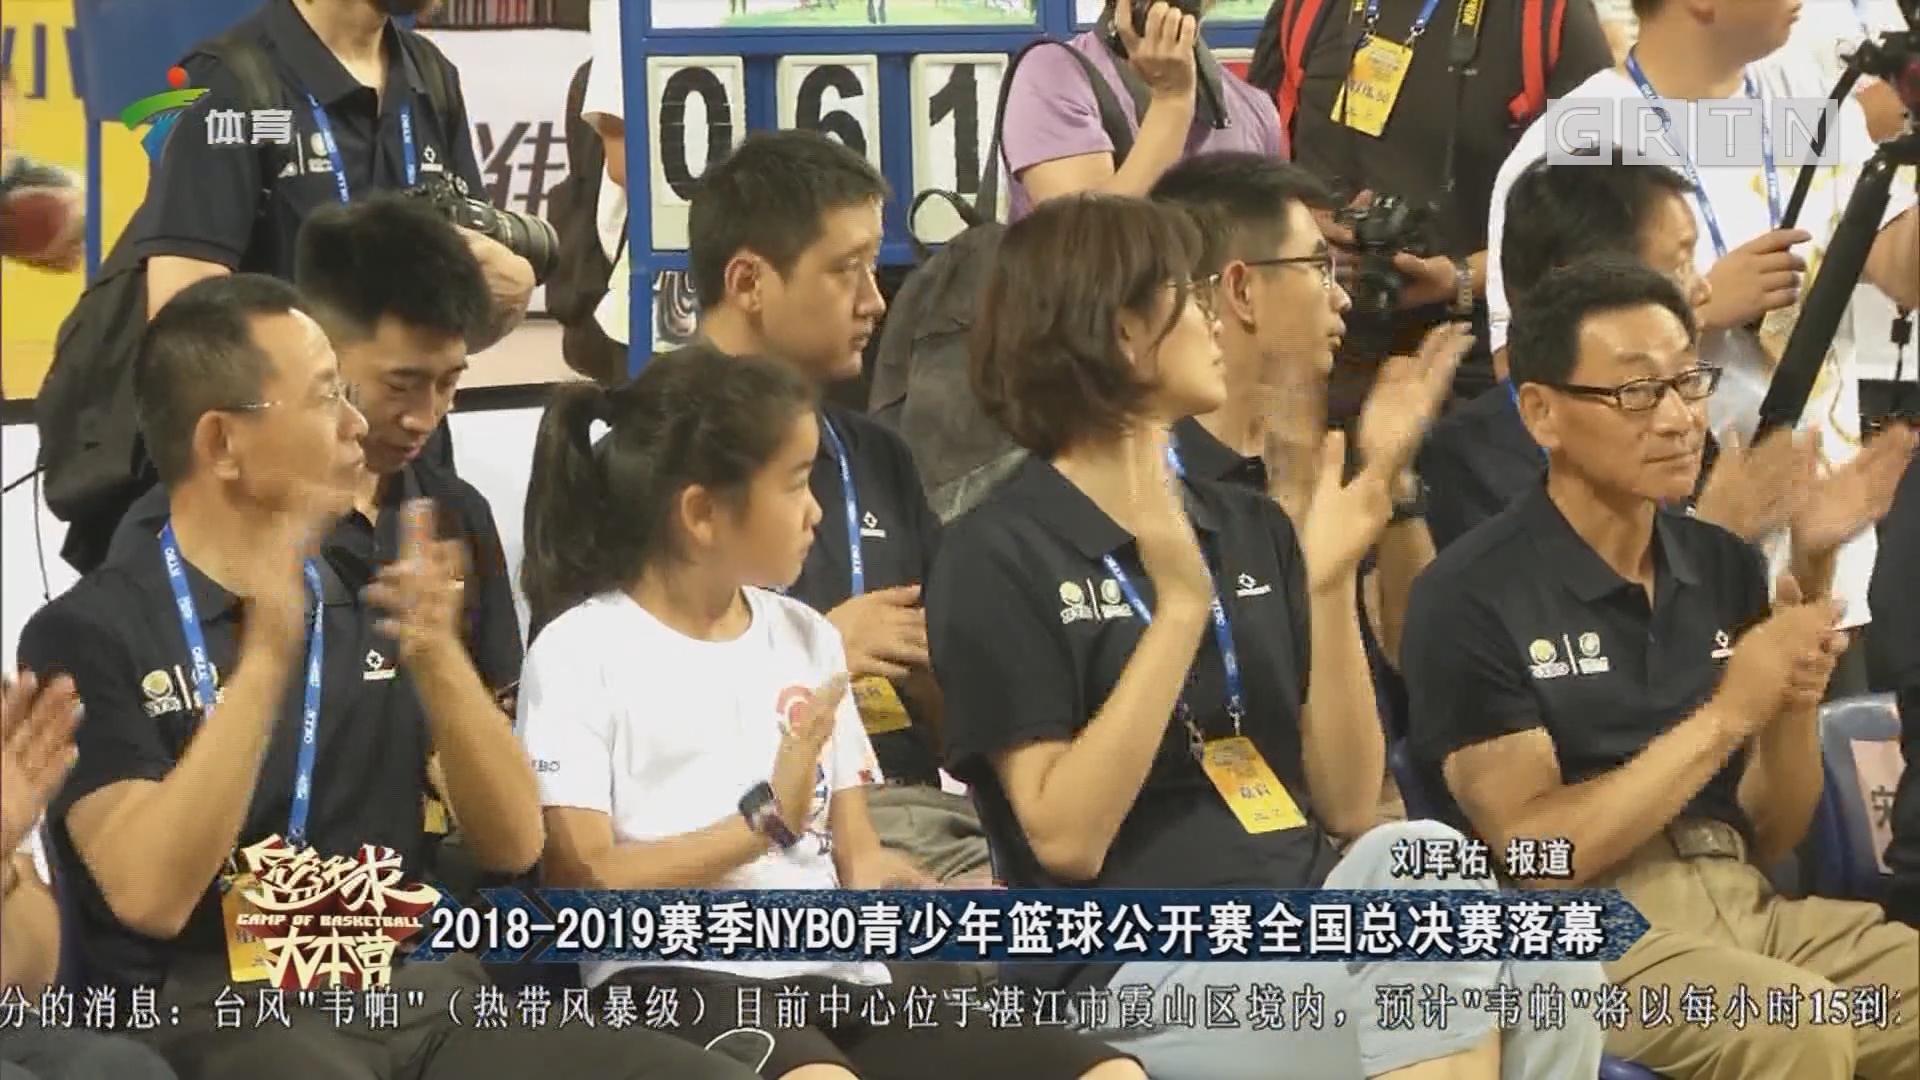 2018-2019赛季NYB0青少年篮球公开赛全国总决赛落幕